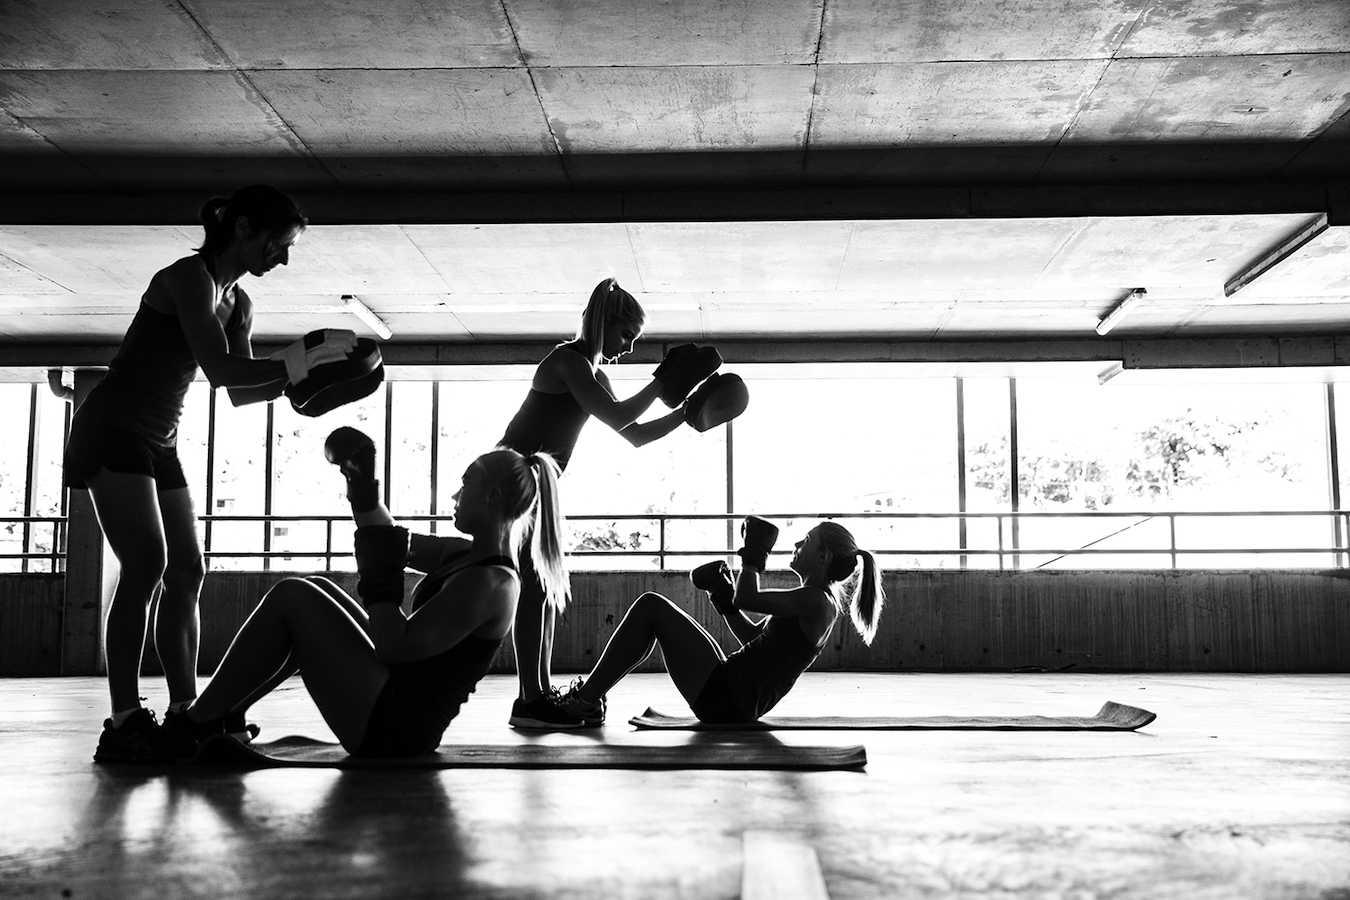 15 минут ада: интенсивная тренировка из простых упражнений - лайфхакер